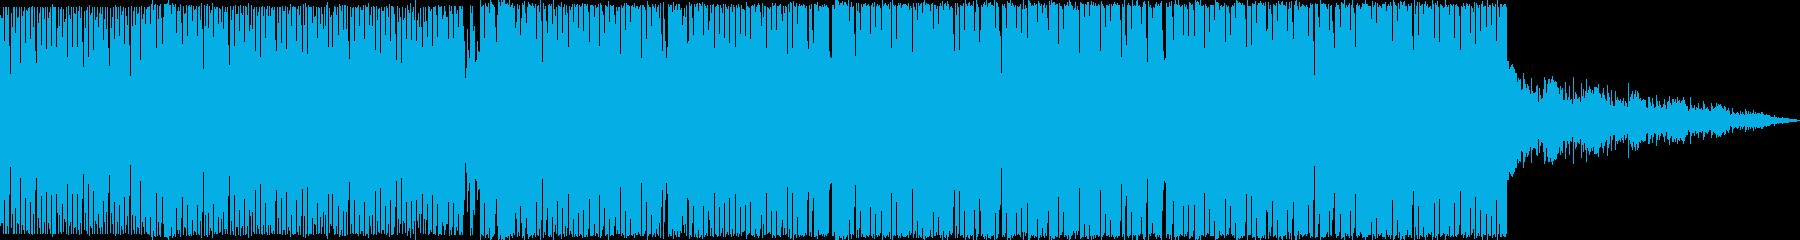 綺麗で切ない感じの4打ちトランスです。の再生済みの波形